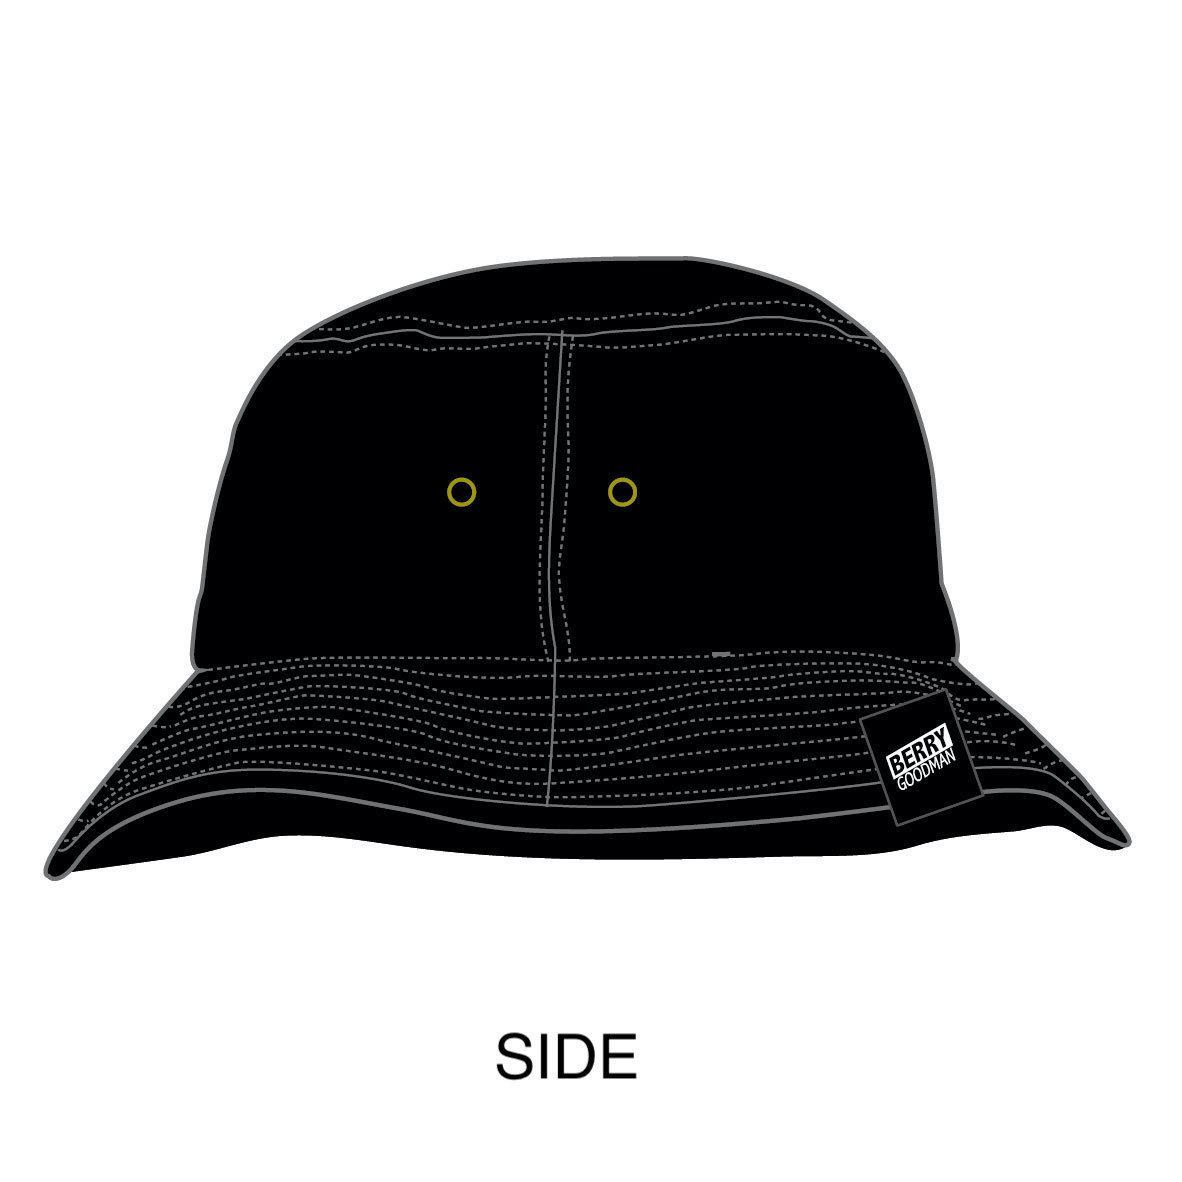 おとん〜hat〜